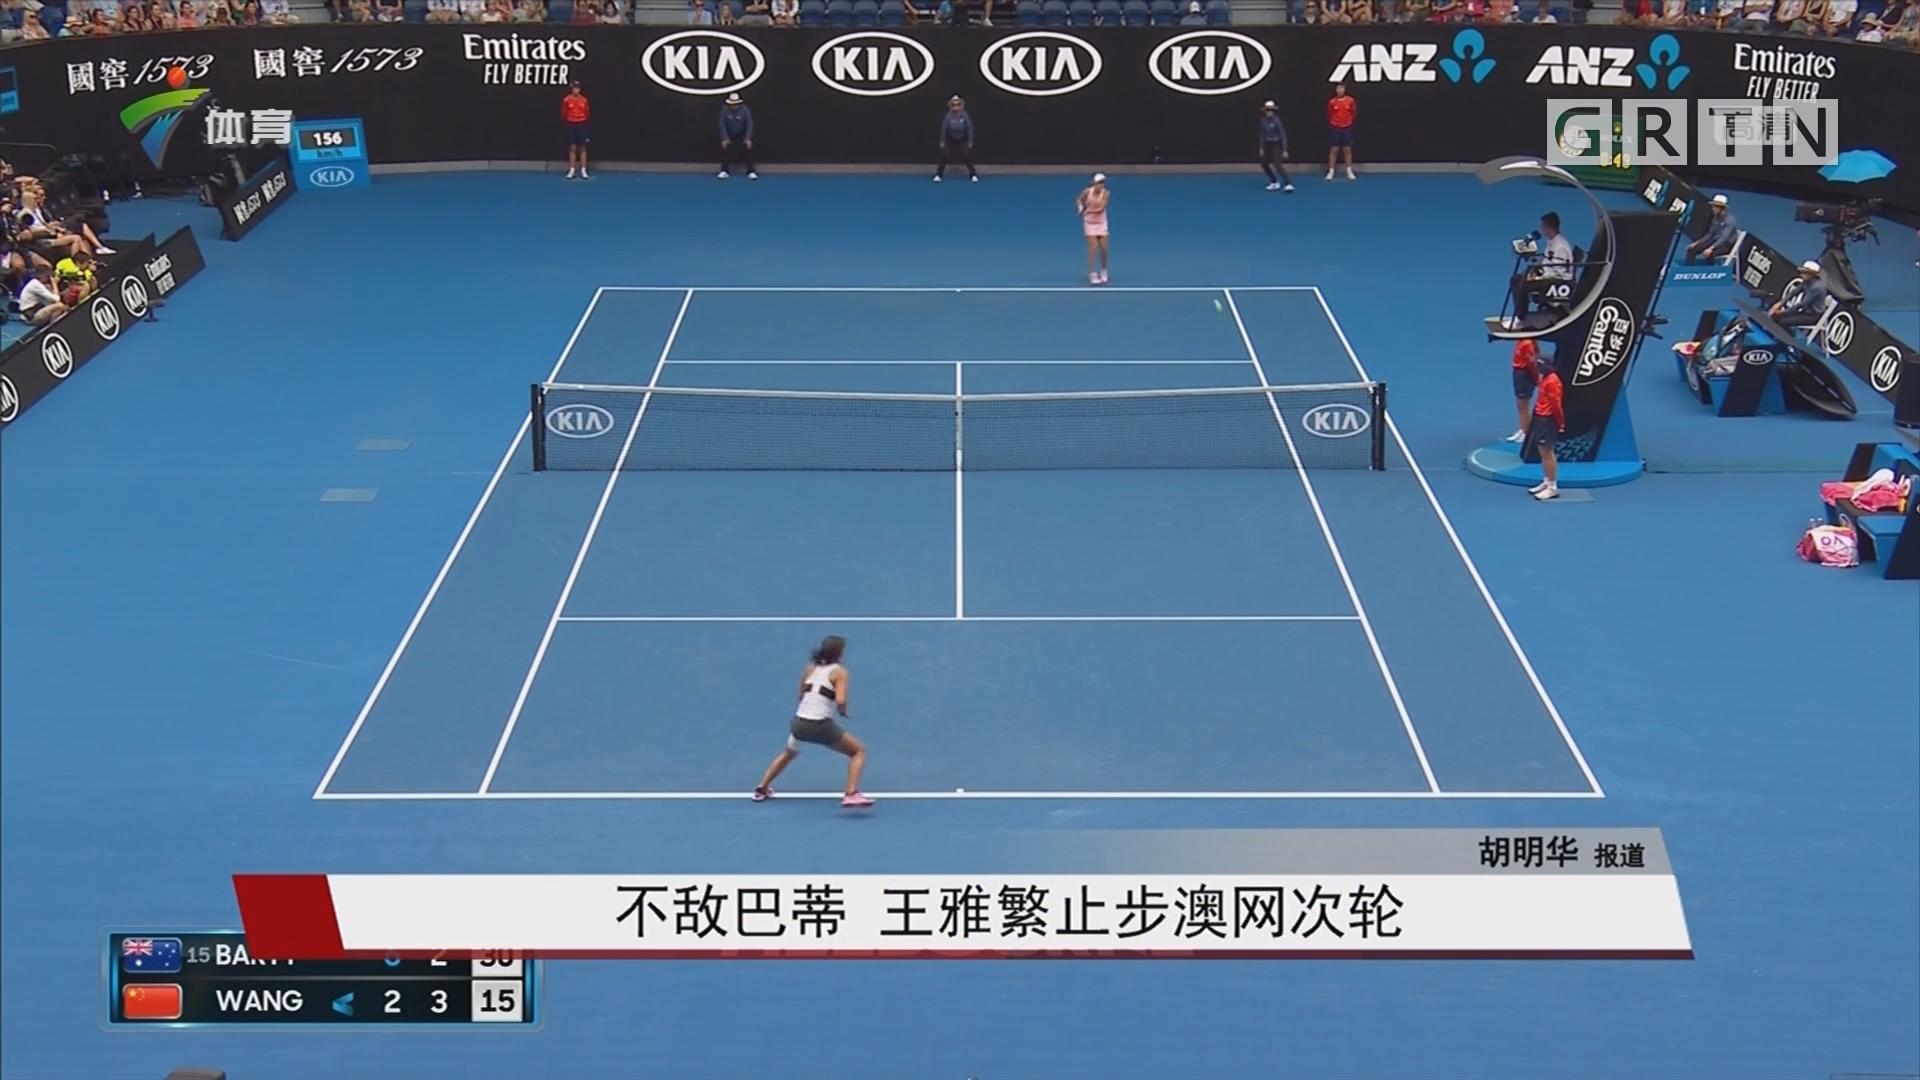 不敌巴蒂 王雅繁止步澳网次轮